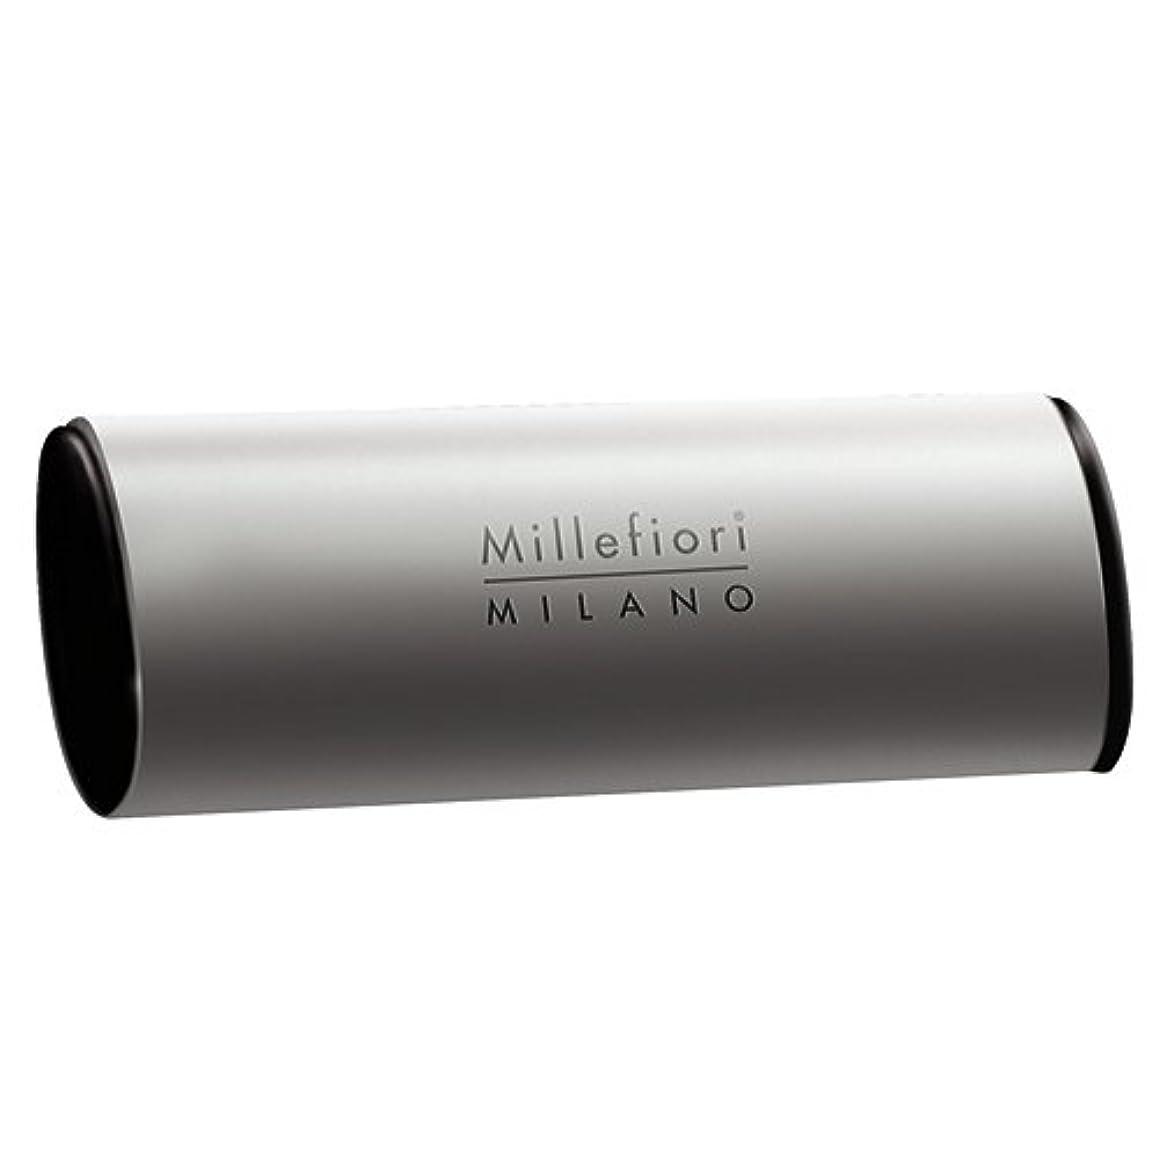 薬用何でも細胞Millefiori カーエアーフレッシュナー シルバー シルバースピリット CDIF-A-008